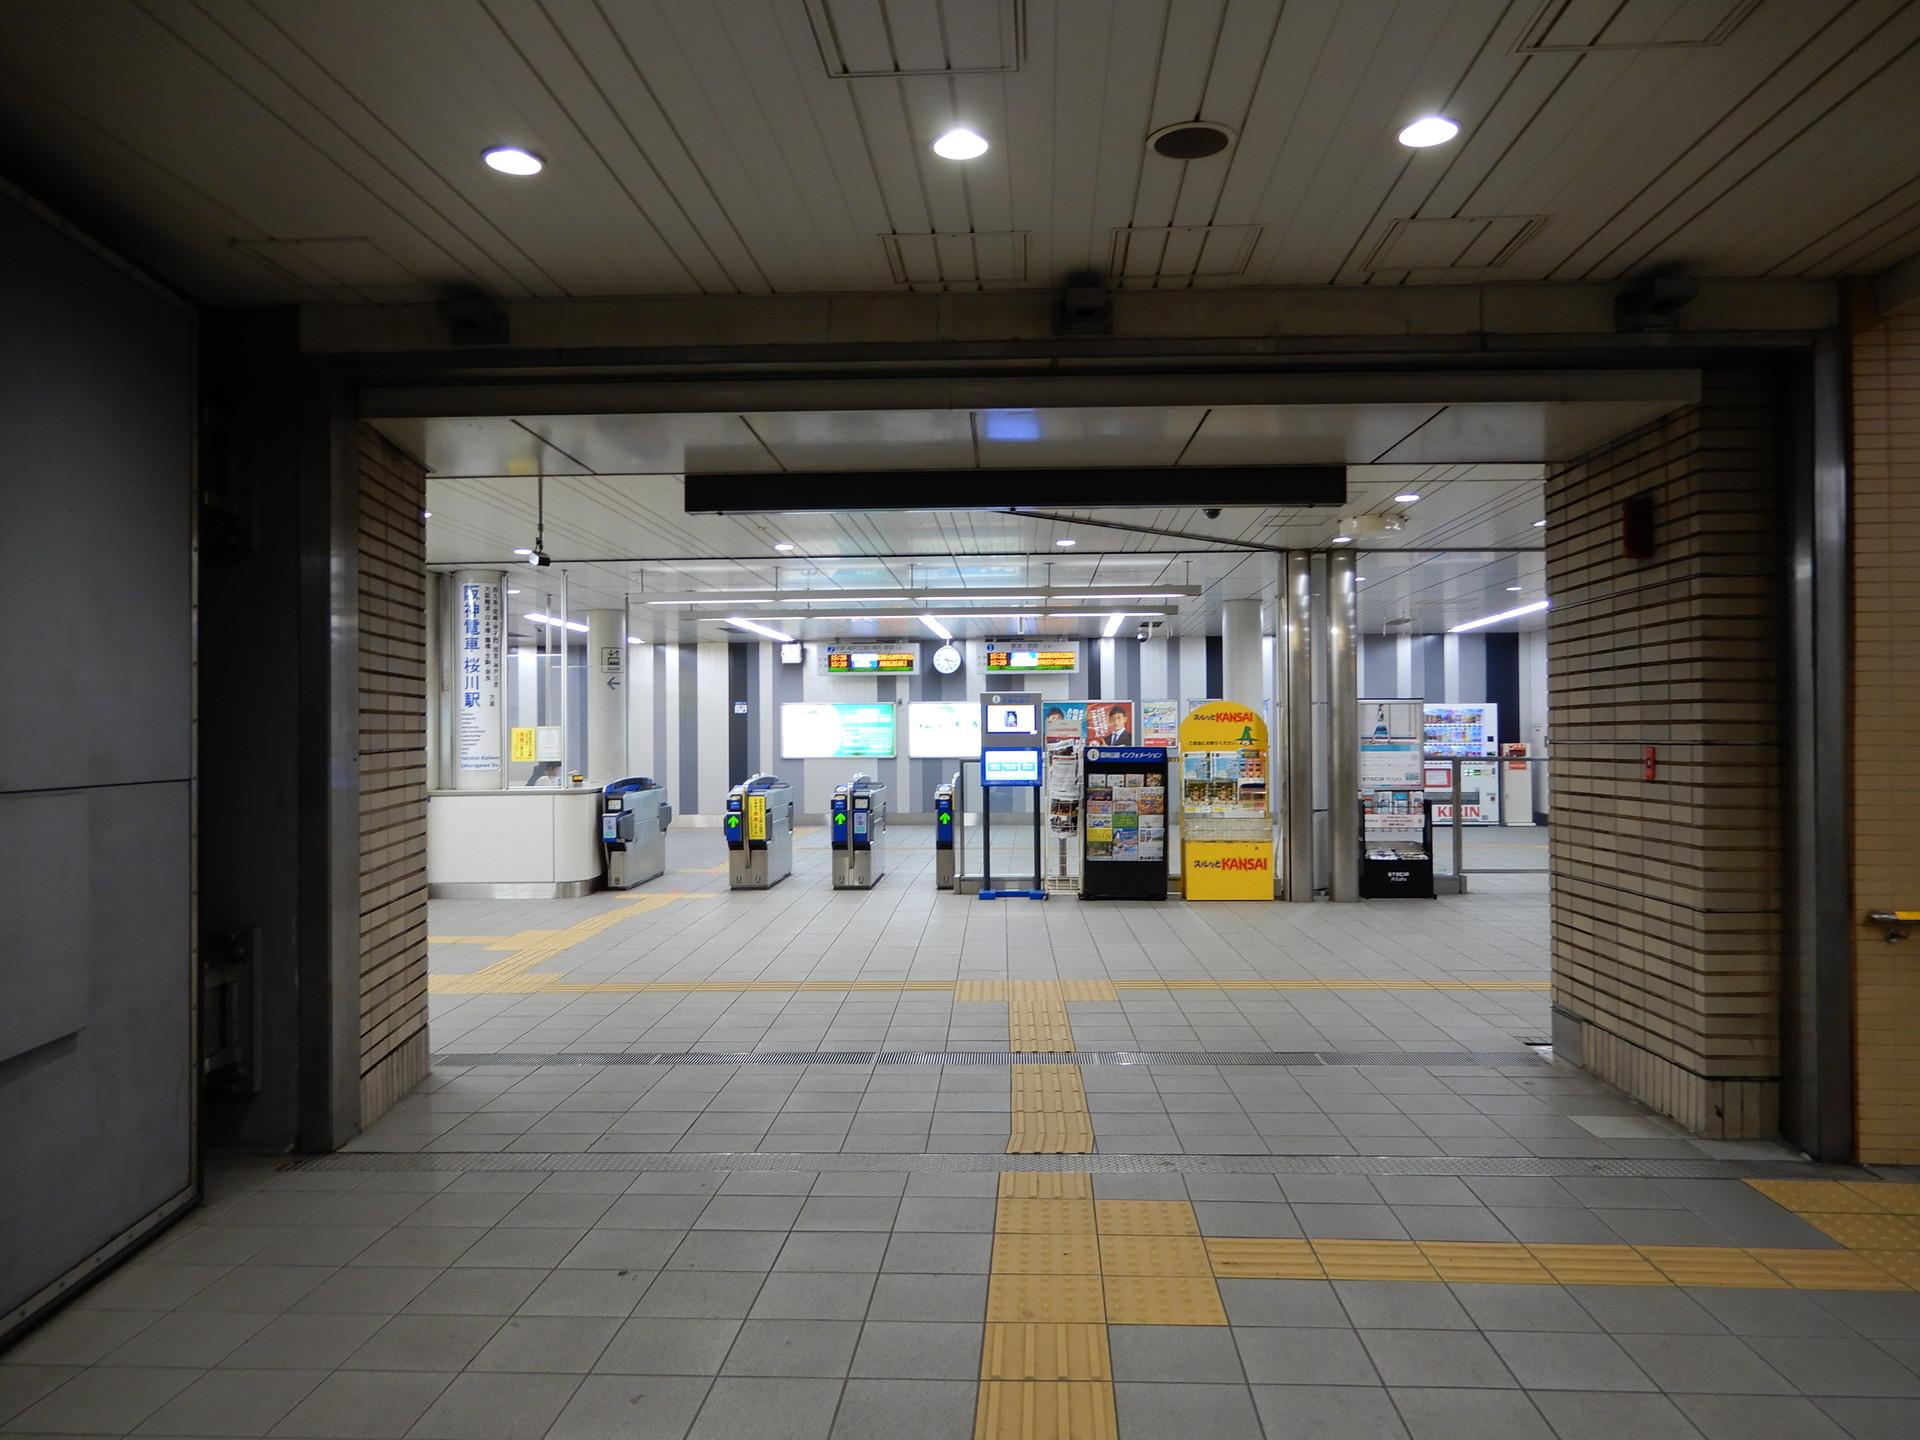 阪神桜川駅の改札前